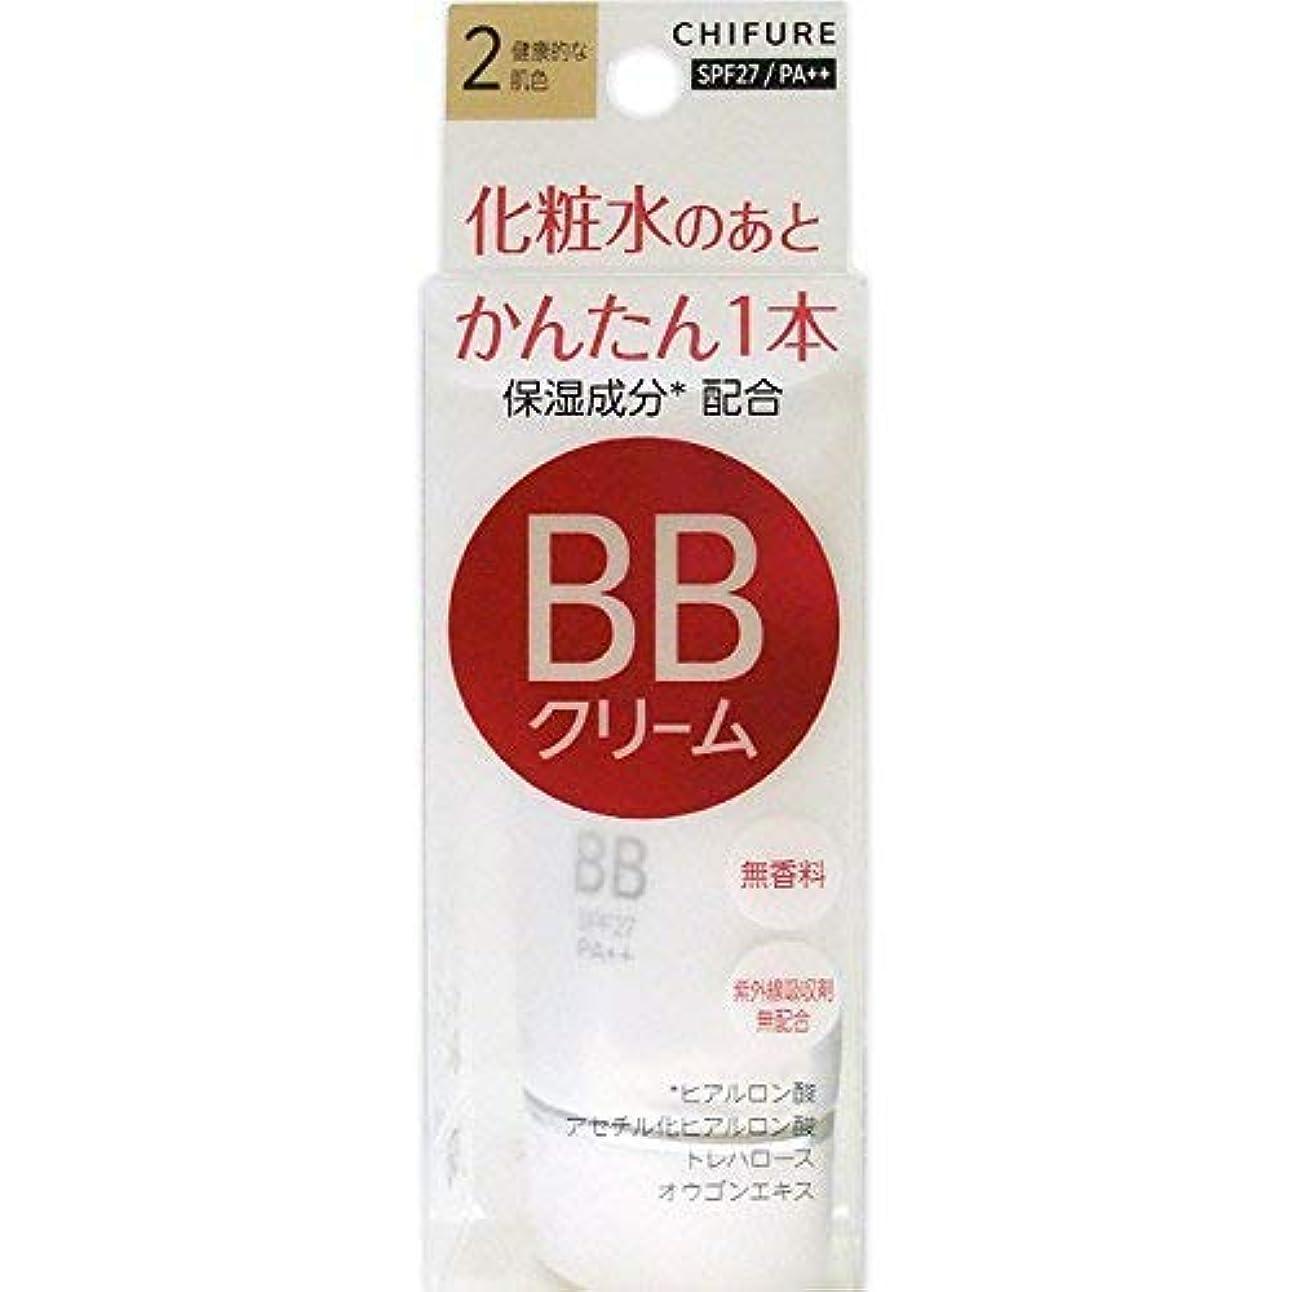 虚弱望むサーフィンちふれ化粧品 BB クリーム 2 健康的な肌色 BBクリーム 2